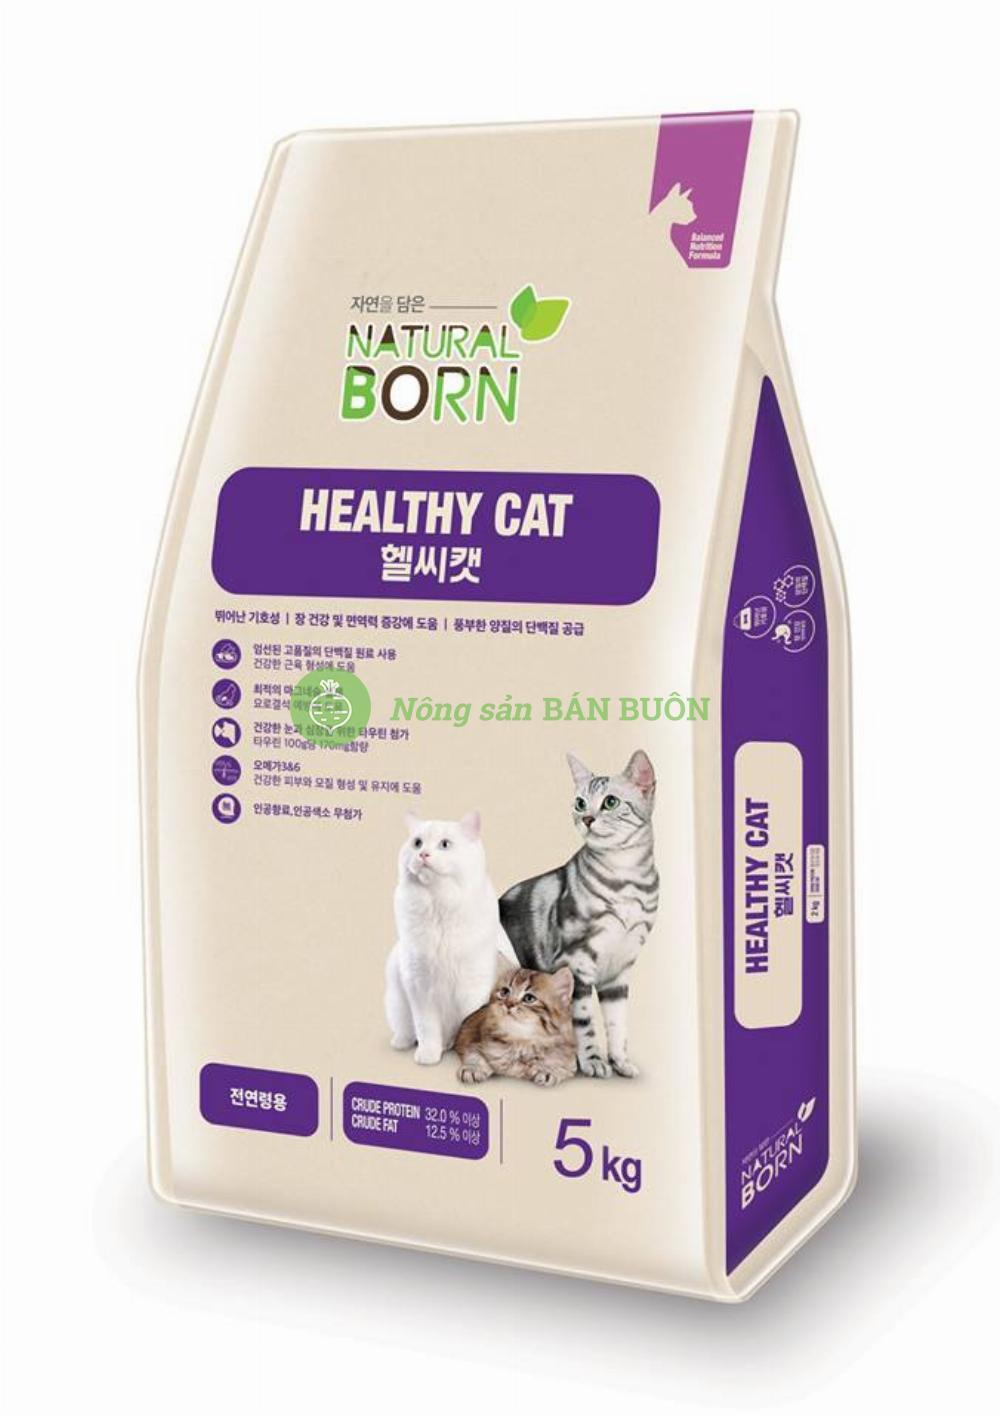 Thức ăn cho mèo của Hàn Quốc Healthy Cat